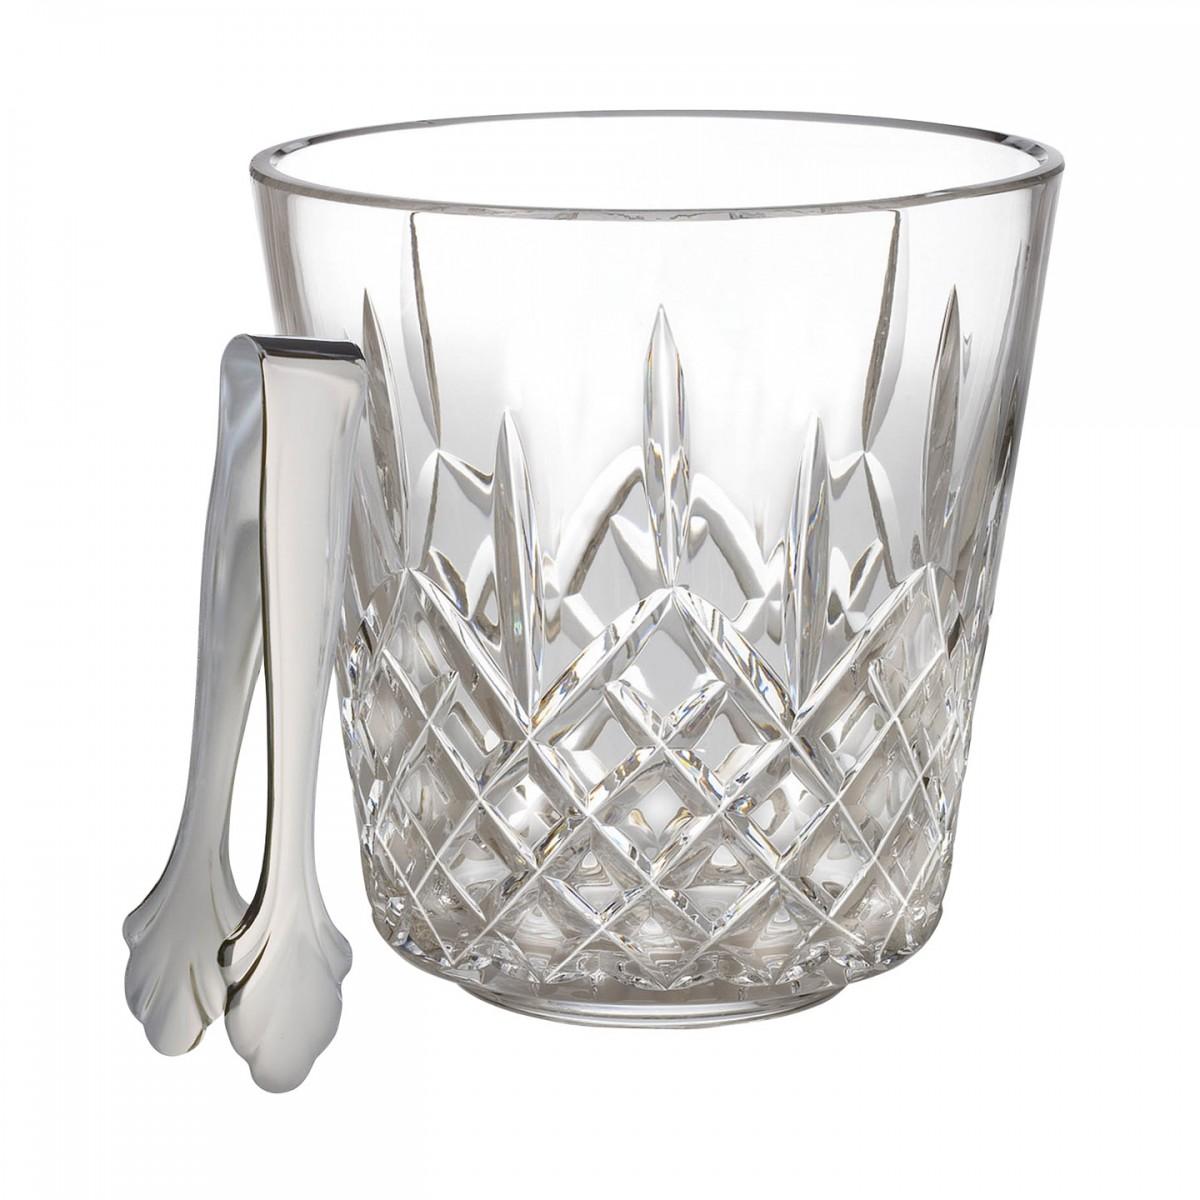 waterford-lismore-ice-bucket-024258157828.jpg